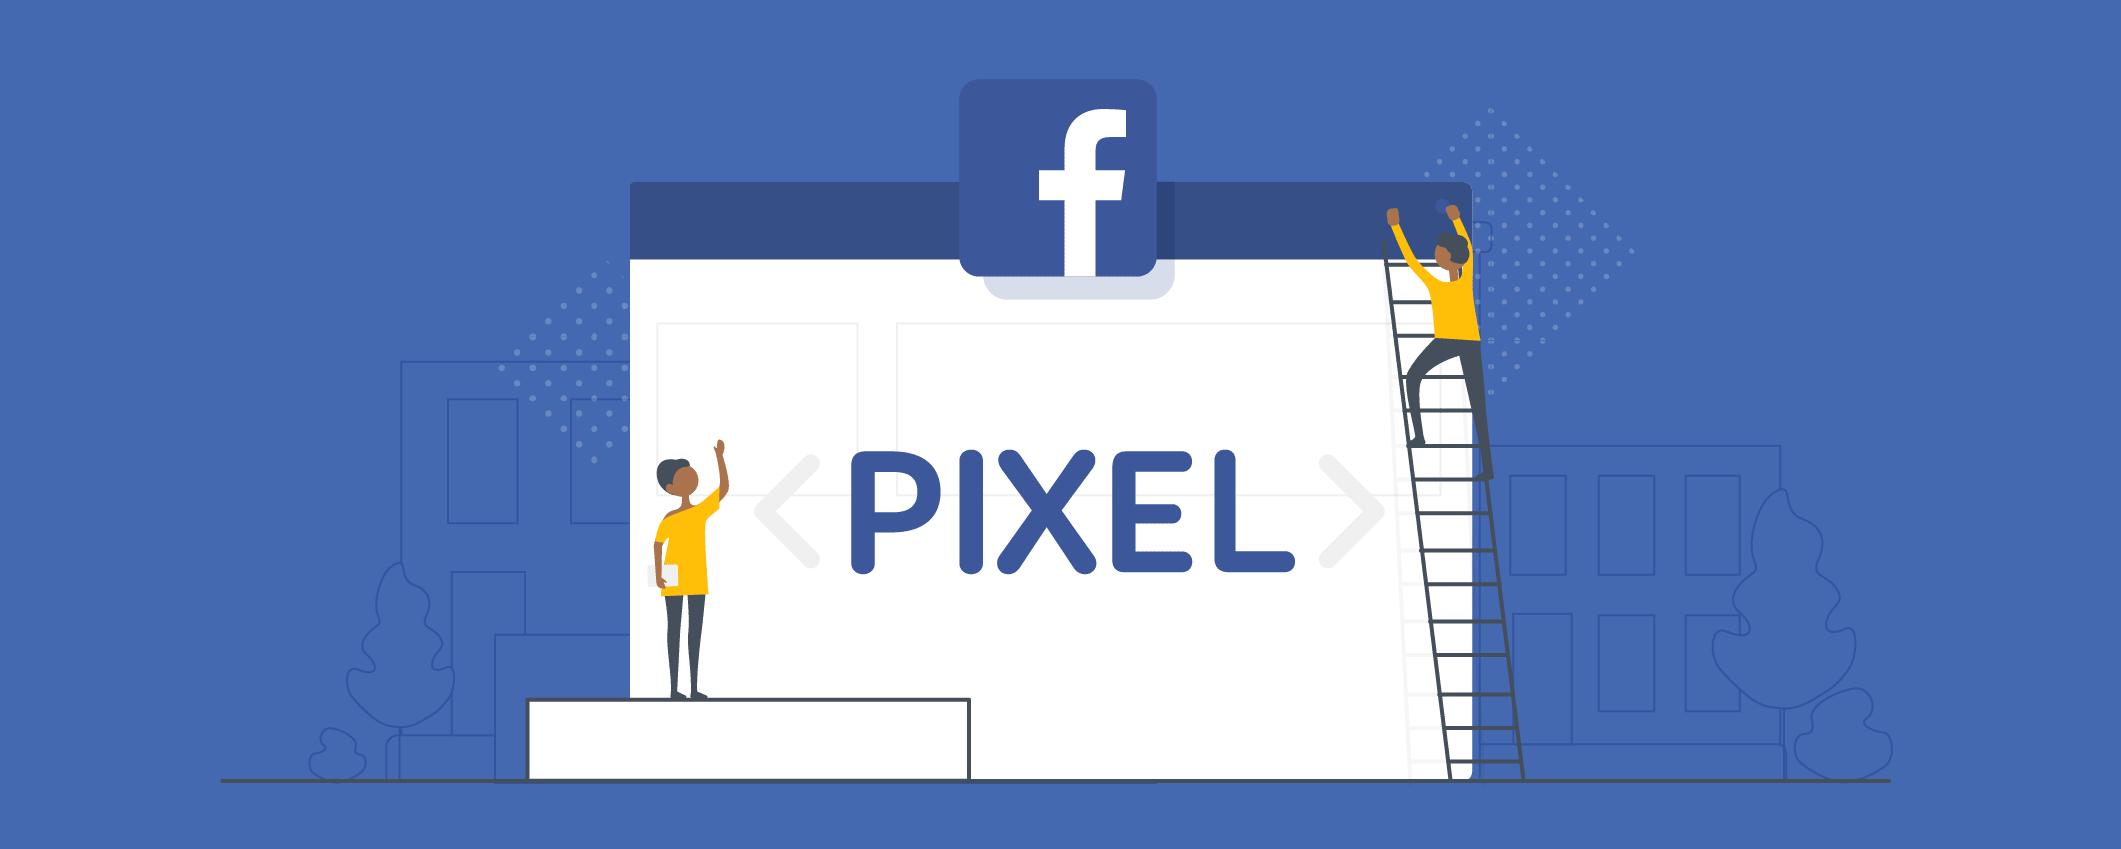 how facebook pixel works